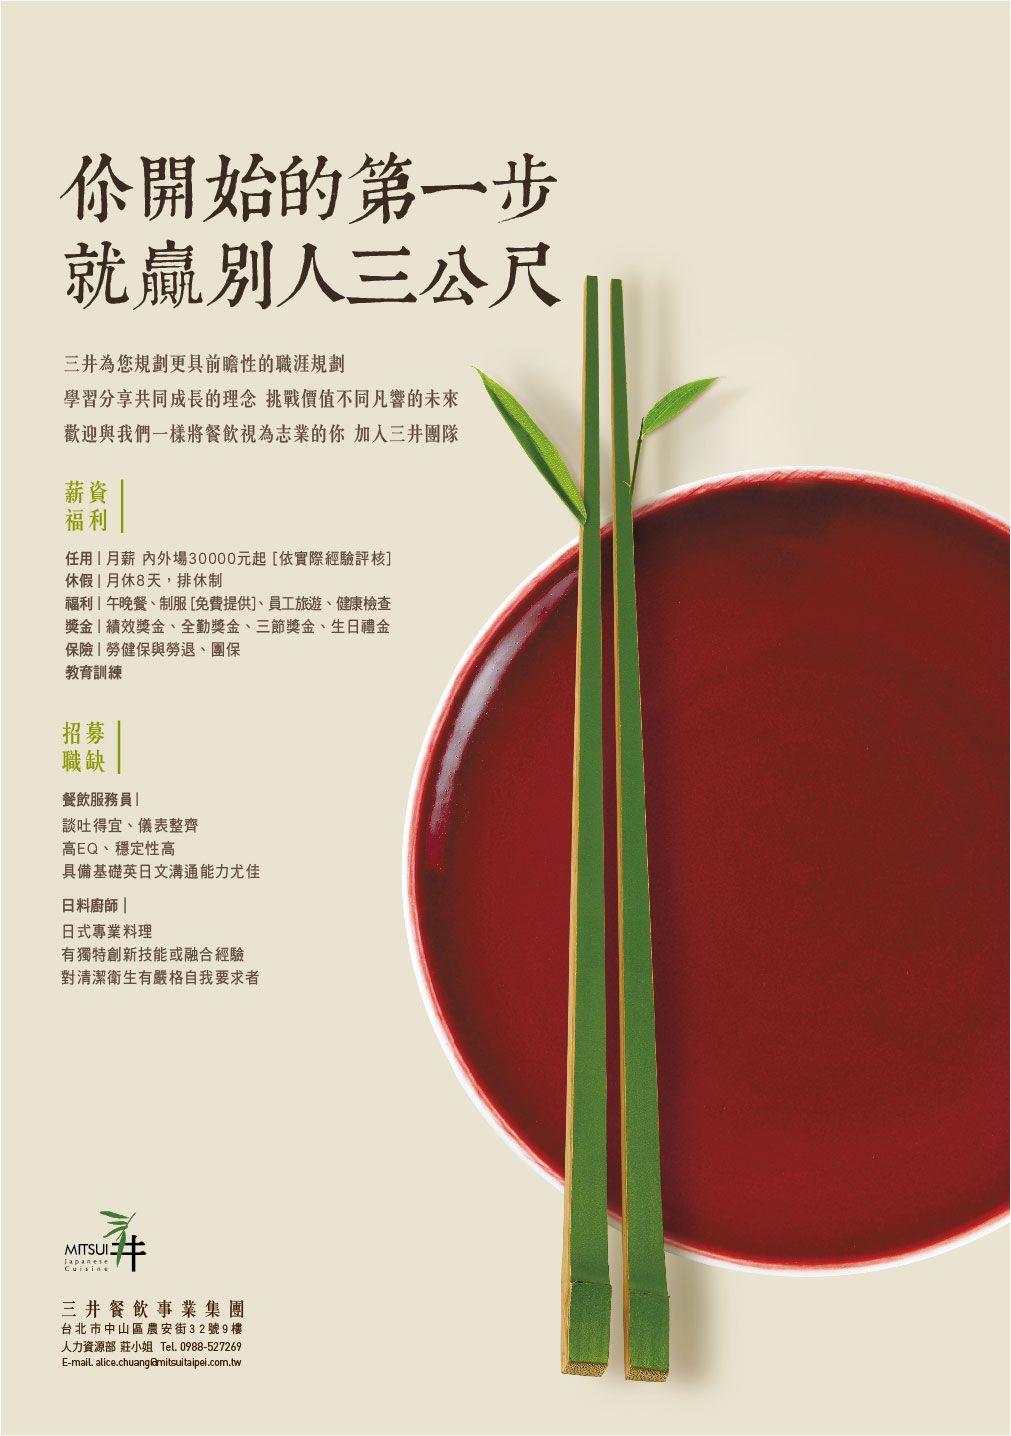 三井餐飲企業 招募海報mitsui Japanese Cuisine Recruitment Poster Business Poster Poster Design Graphic Artist Designer